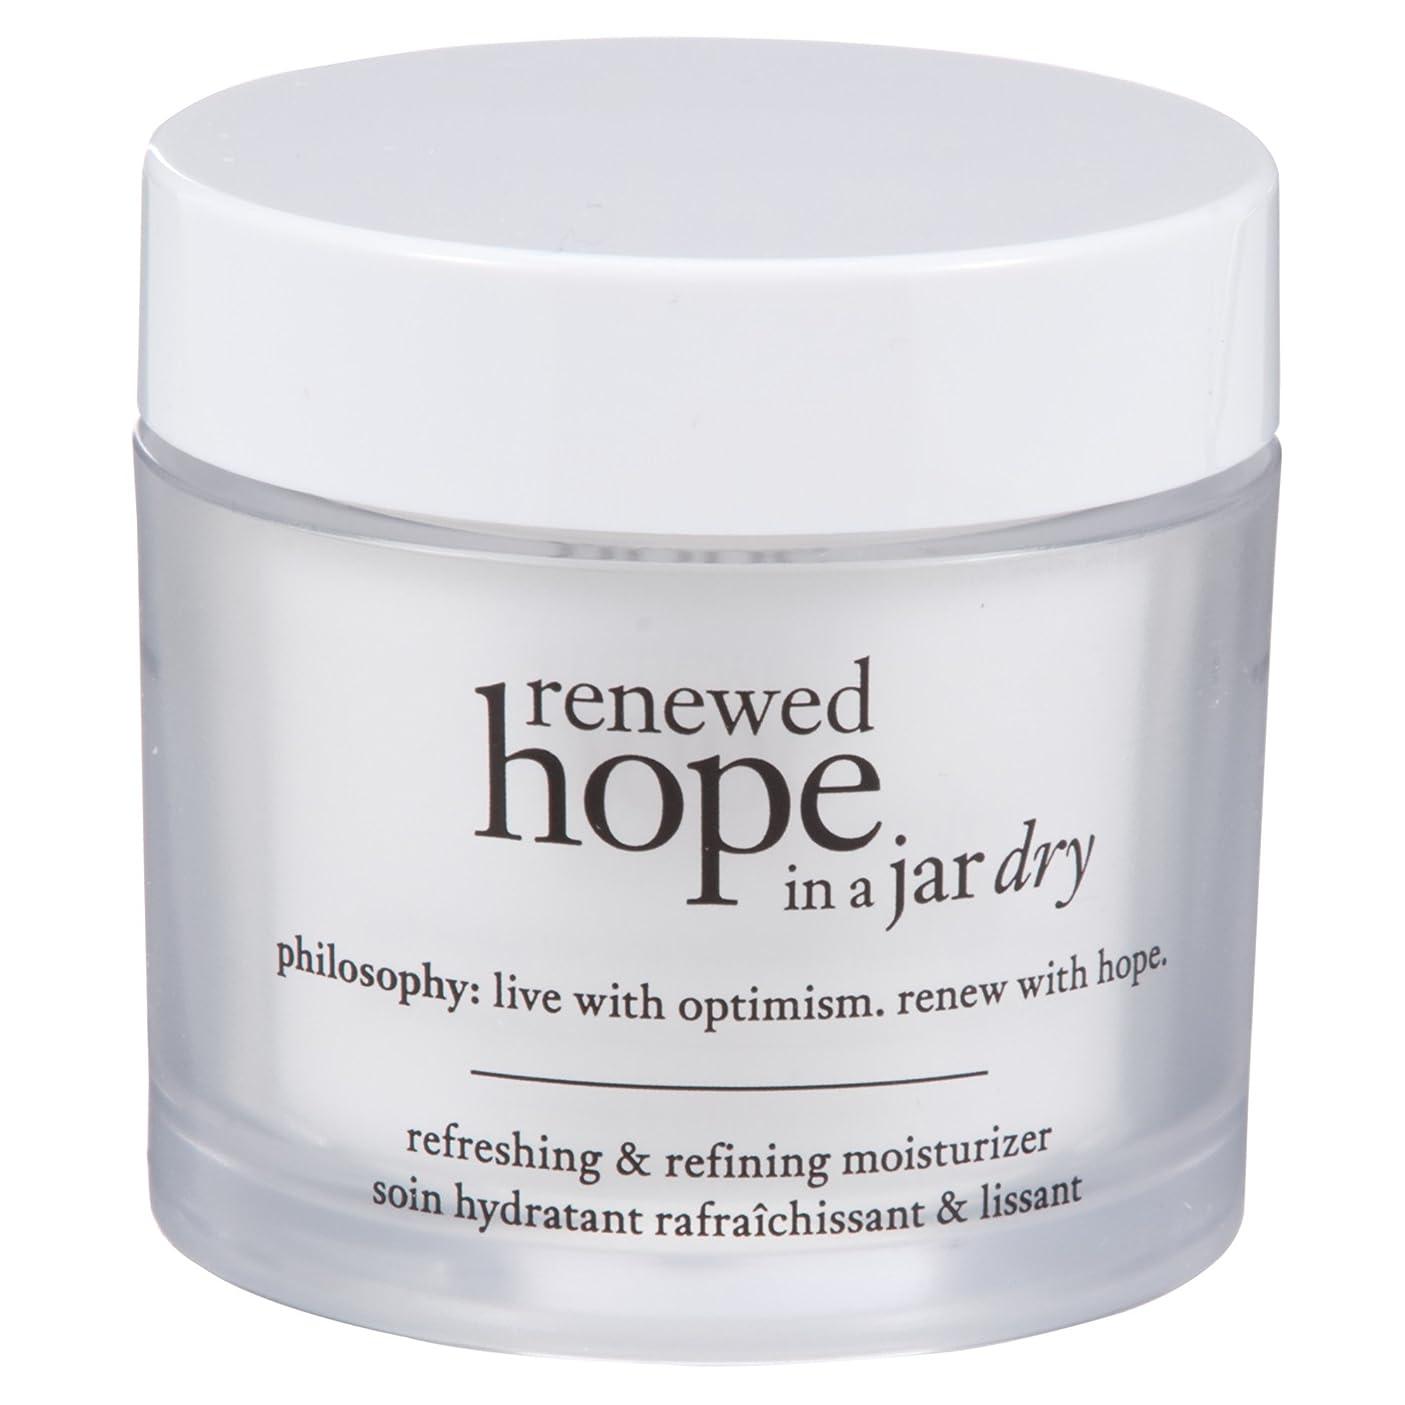 お金洞窟国家瓶乾燥肌の保湿60ミリリットルで哲学新たな希望 (Philosophy) (x2) - Philosophy Renewed Hope in a Jar Dry Skin Moisturiser 60ml (Pack of 2) [並行輸入品]